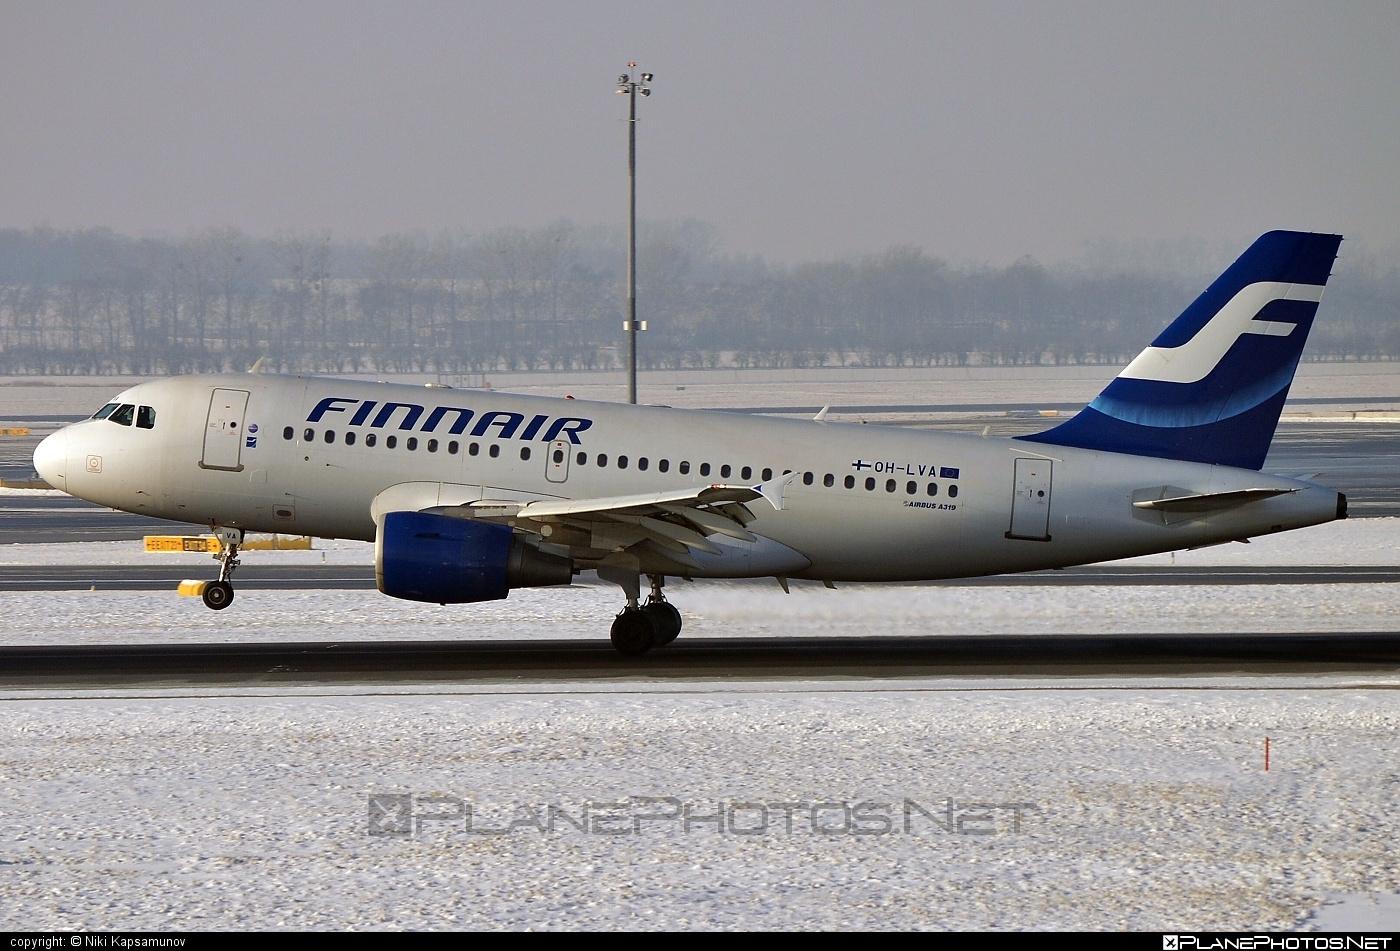 Airbus A319-112 - OH-LVA operated by Finnair #a319 #a320family #airbus #airbus319 #finnair